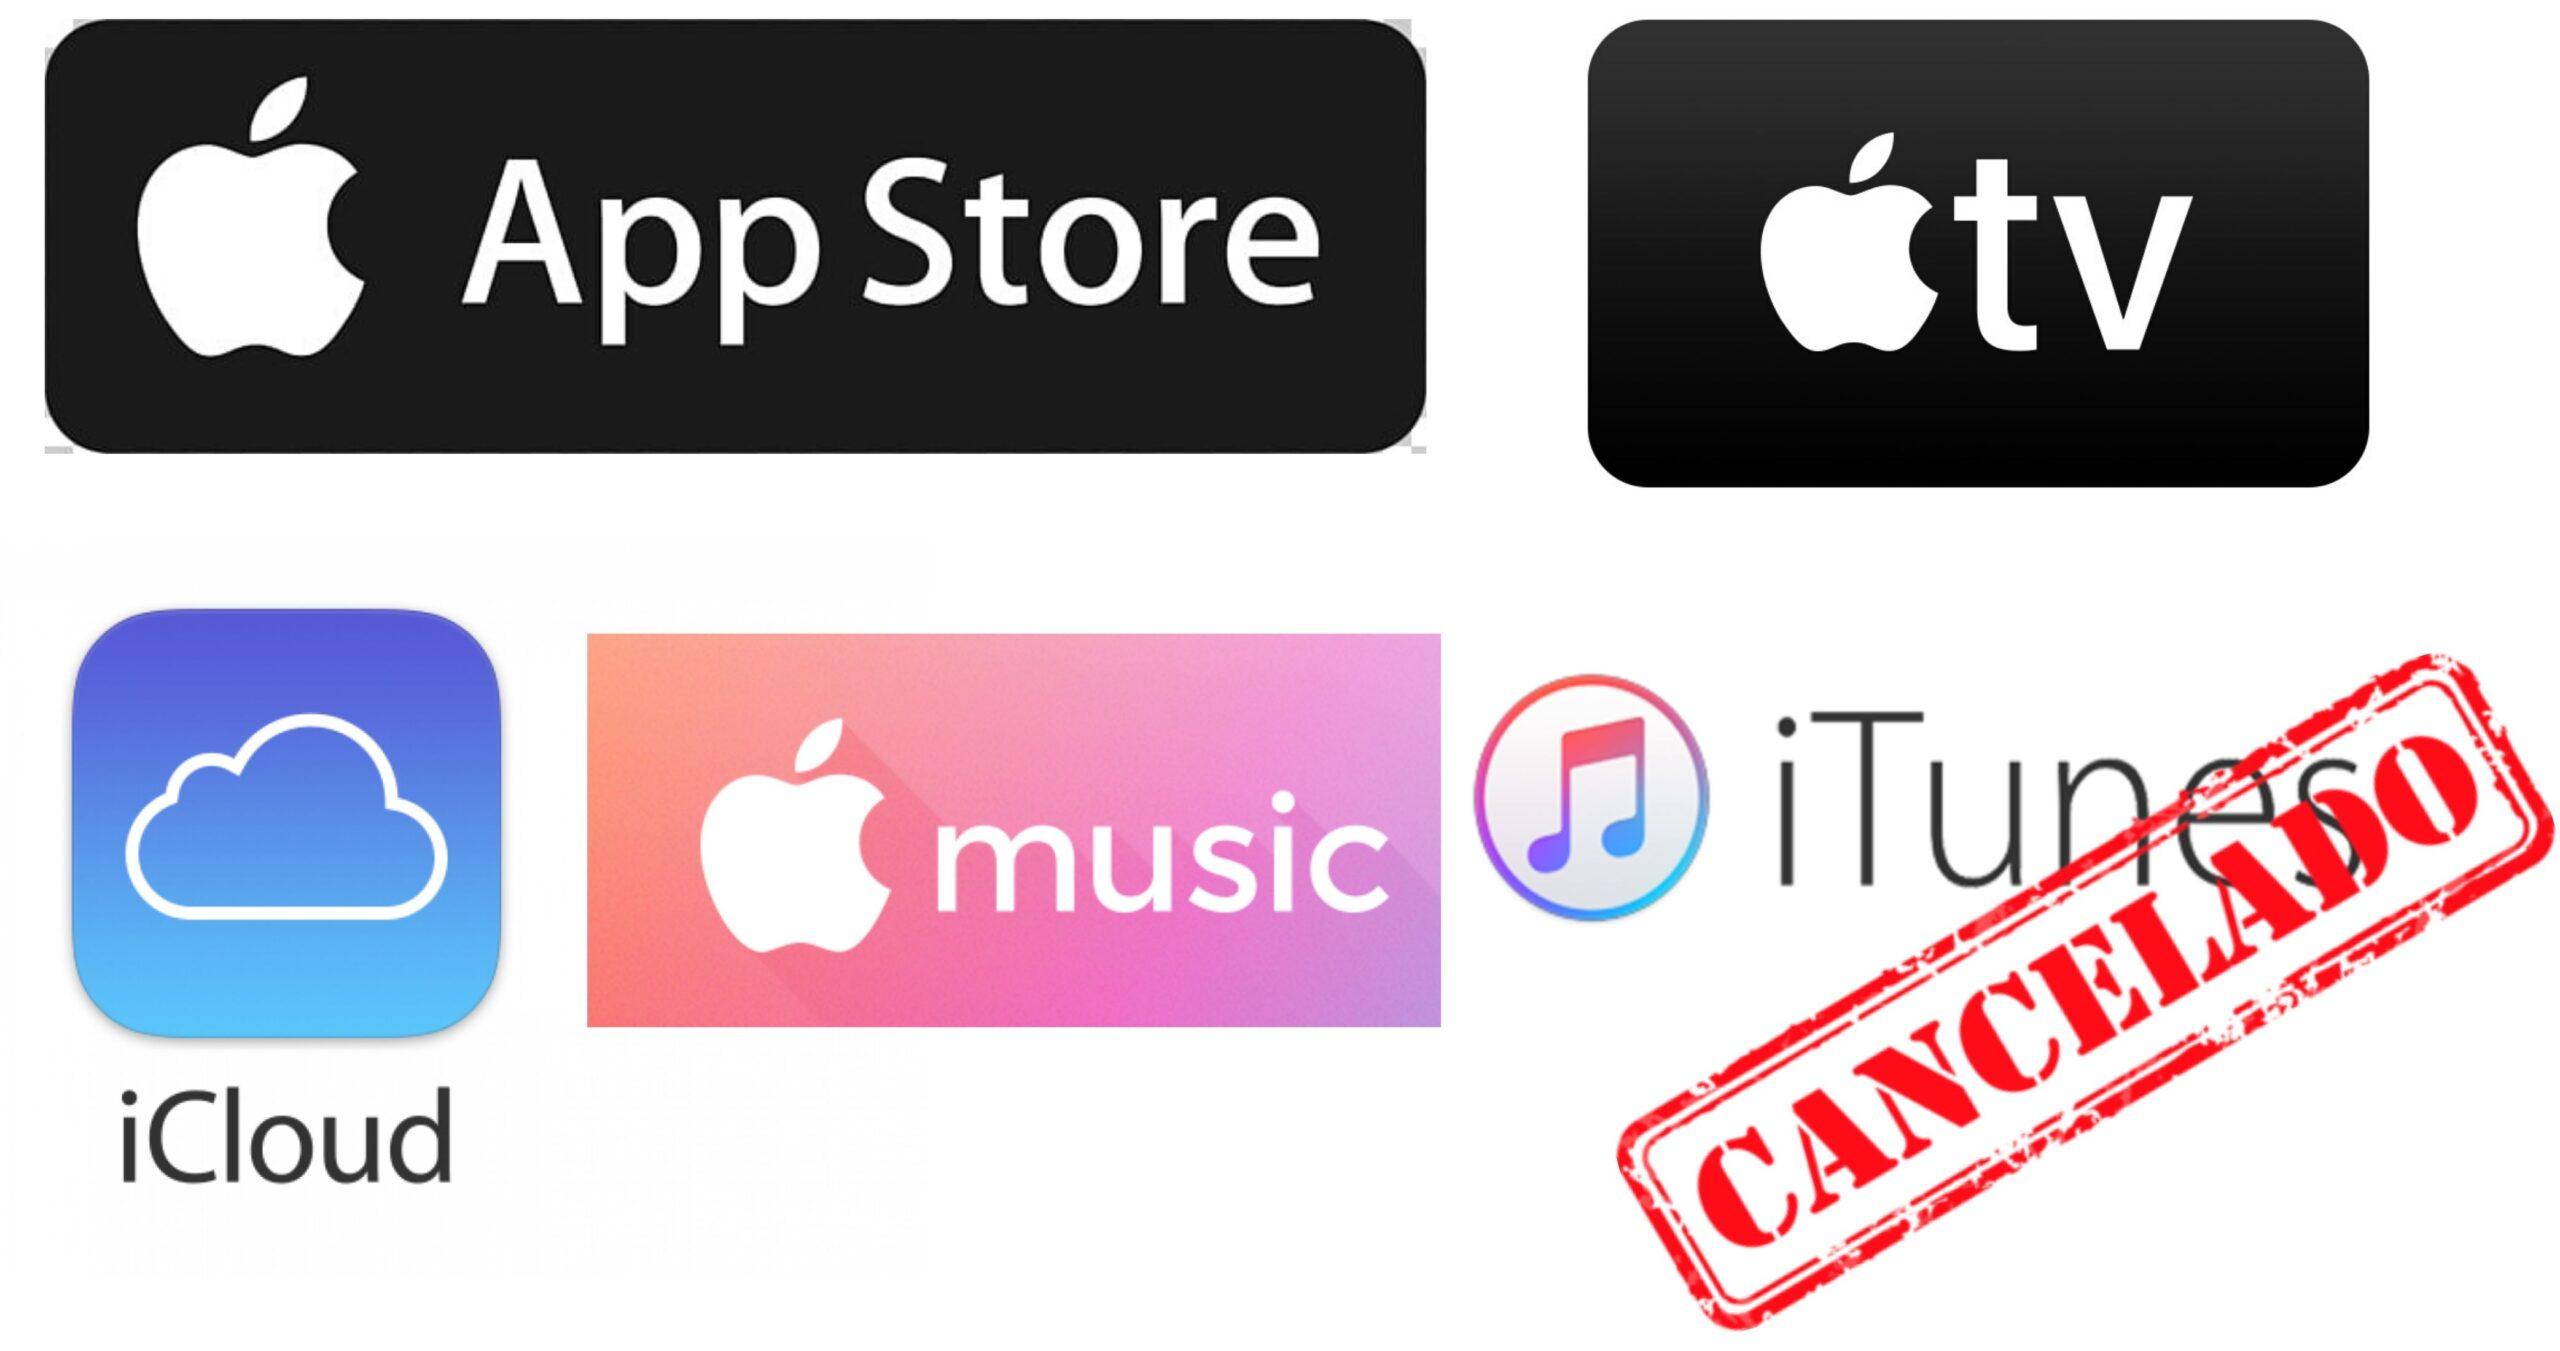 cancelar suscripcion apple